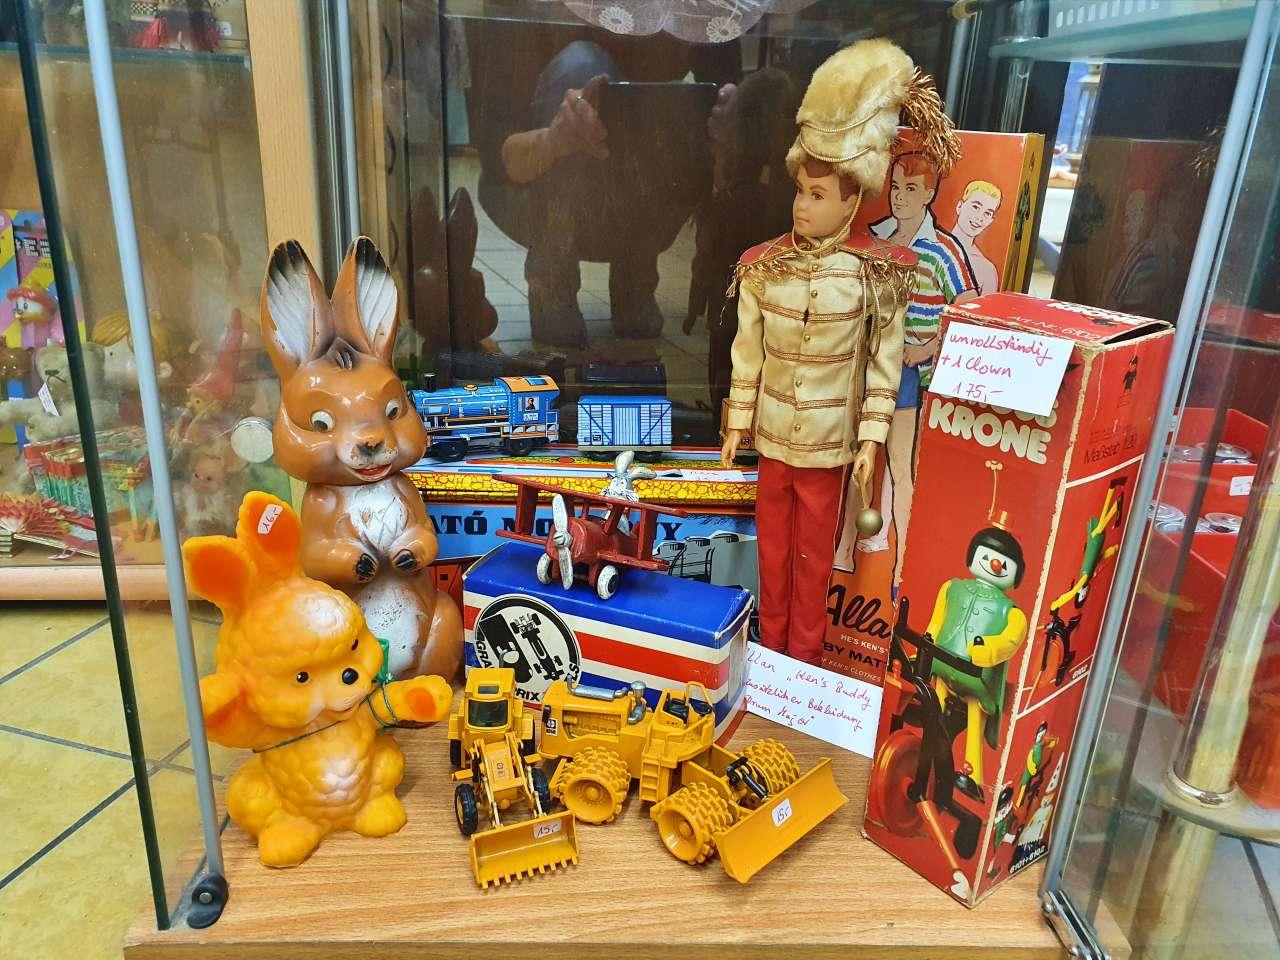 Sammlerstücke Kens Buddy Allan und anderes retro Spielzeug